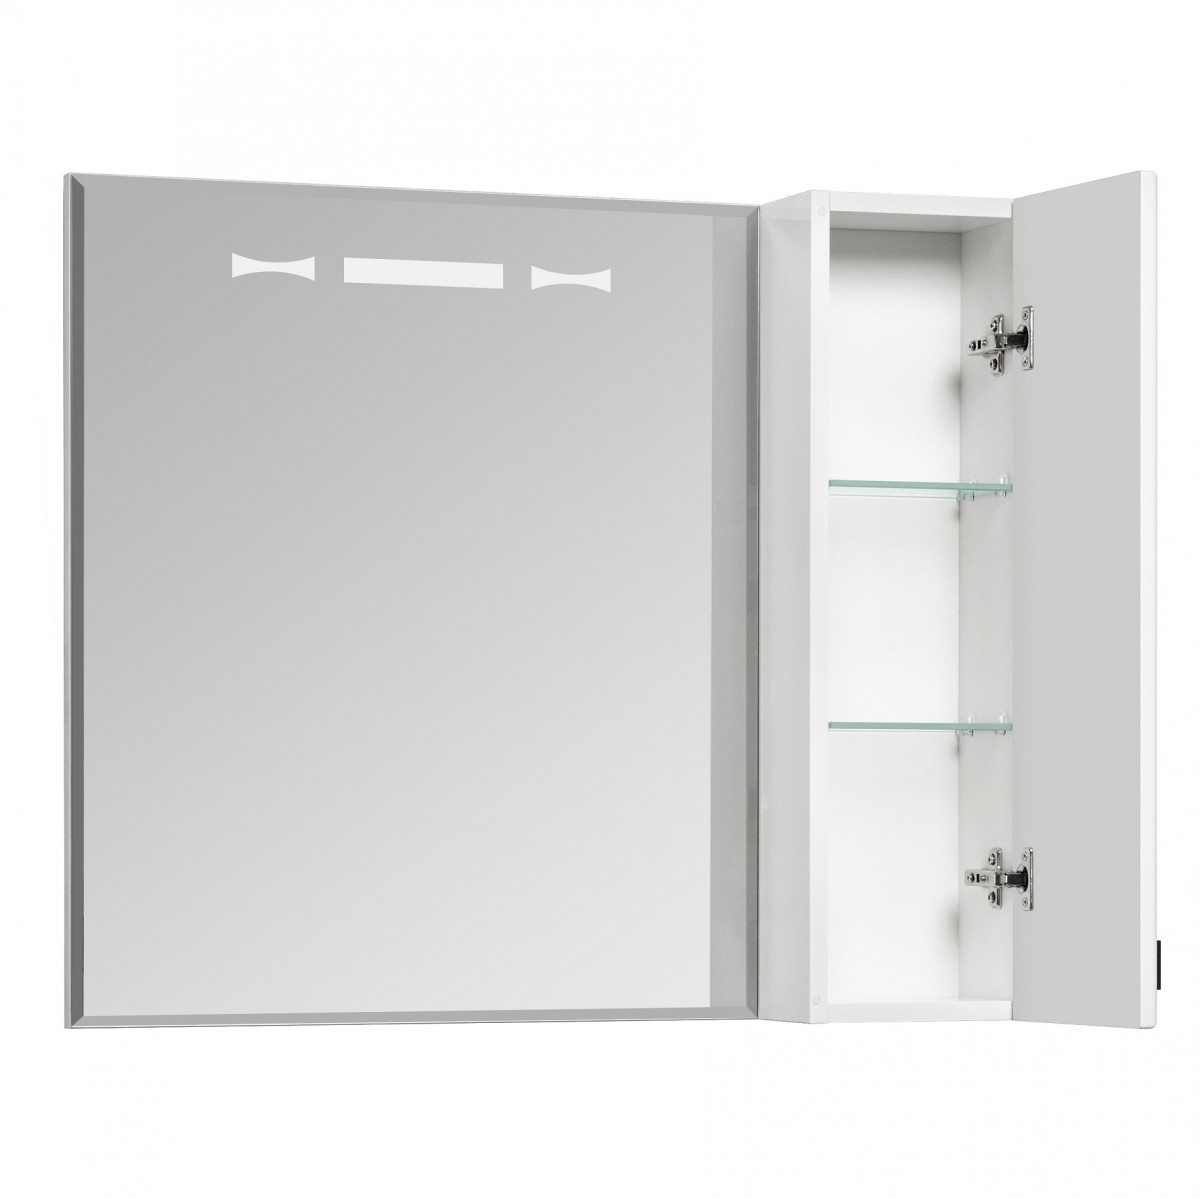 Зеркальный шкаф Акватон Диор 80